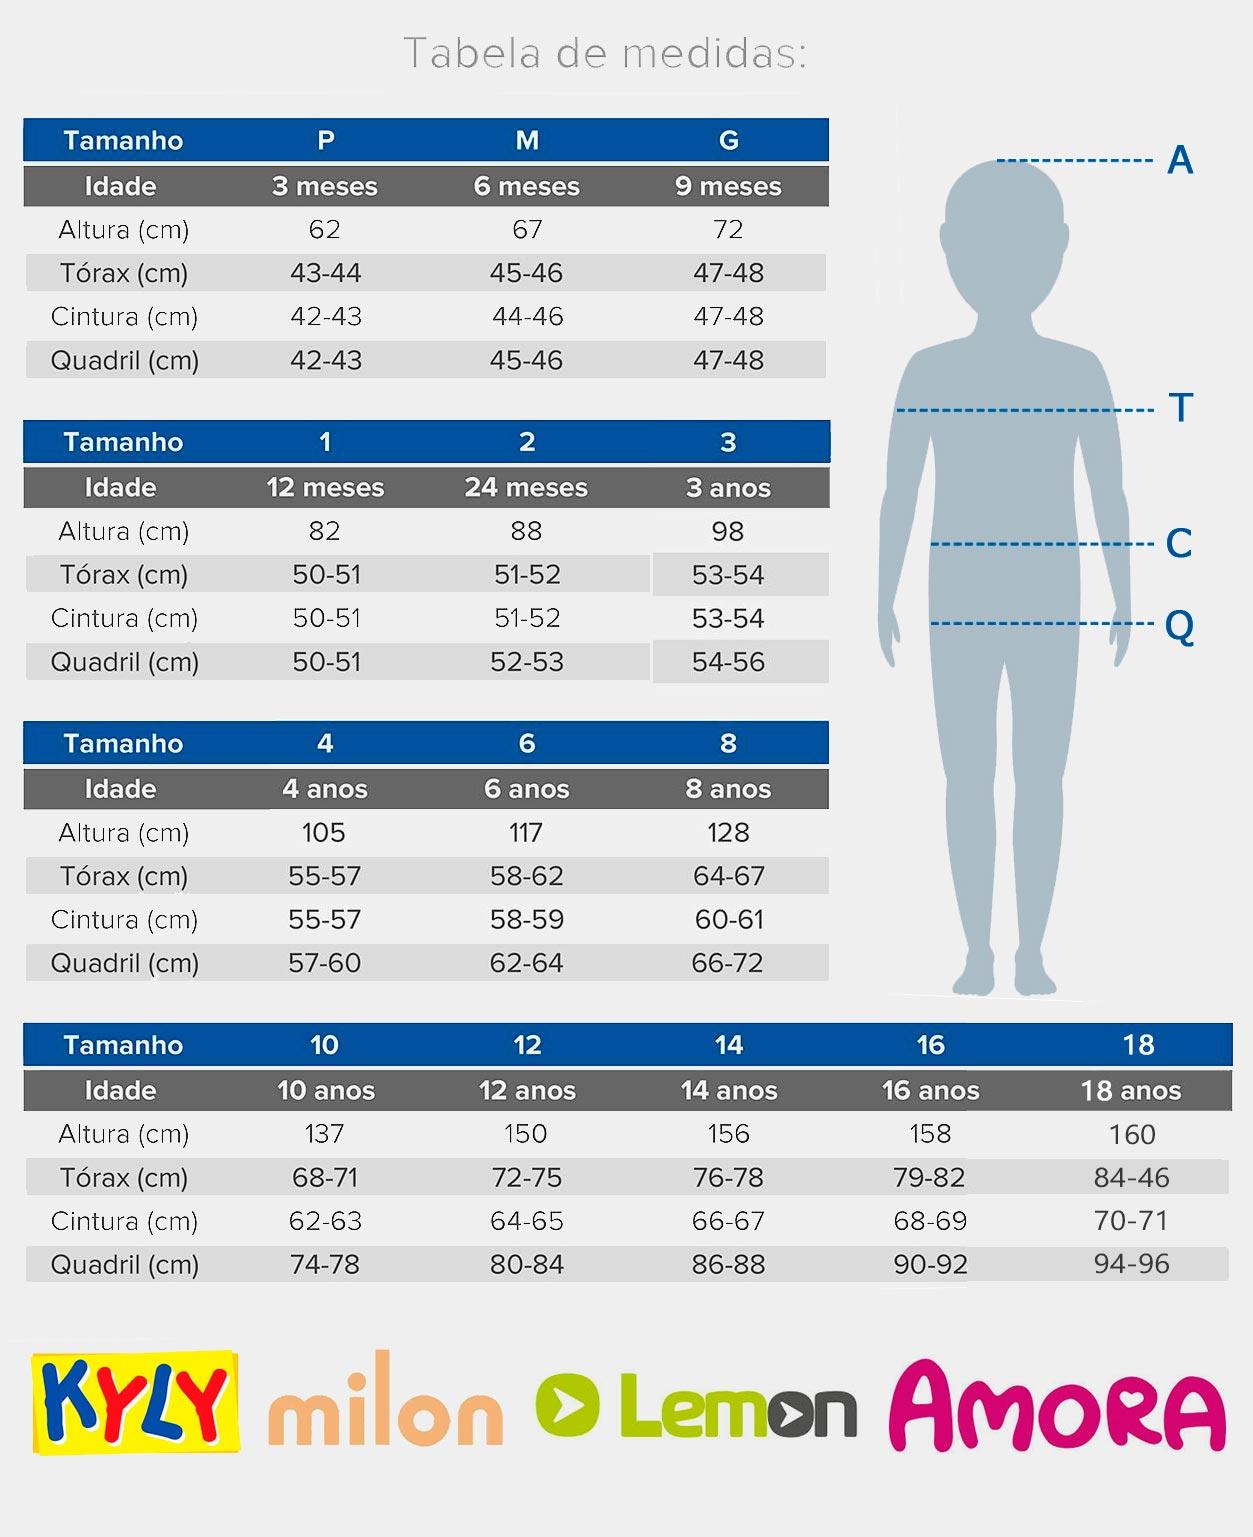 Vestido Infantil Azul Marinho - Kyly: Tabela de medidas